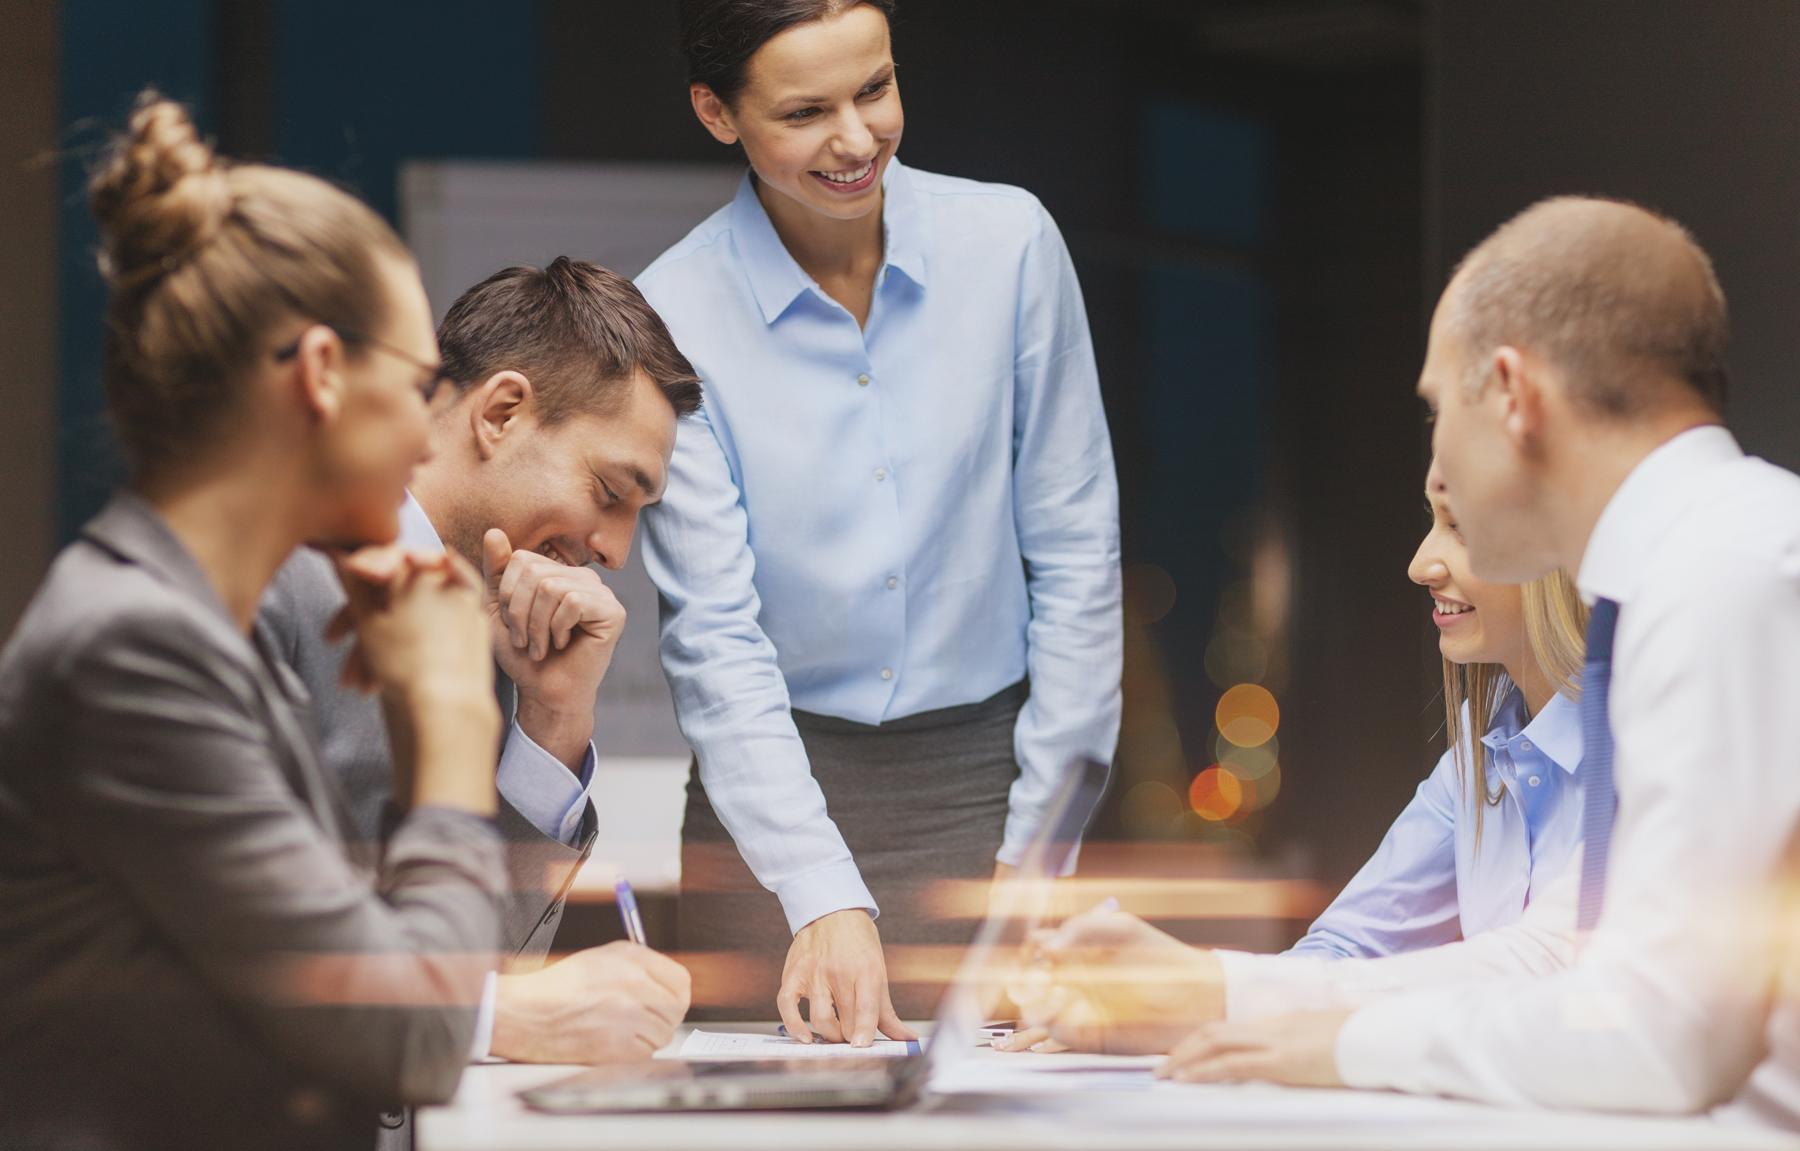 Kompetencje menedżerskie izarządzanie zespołem